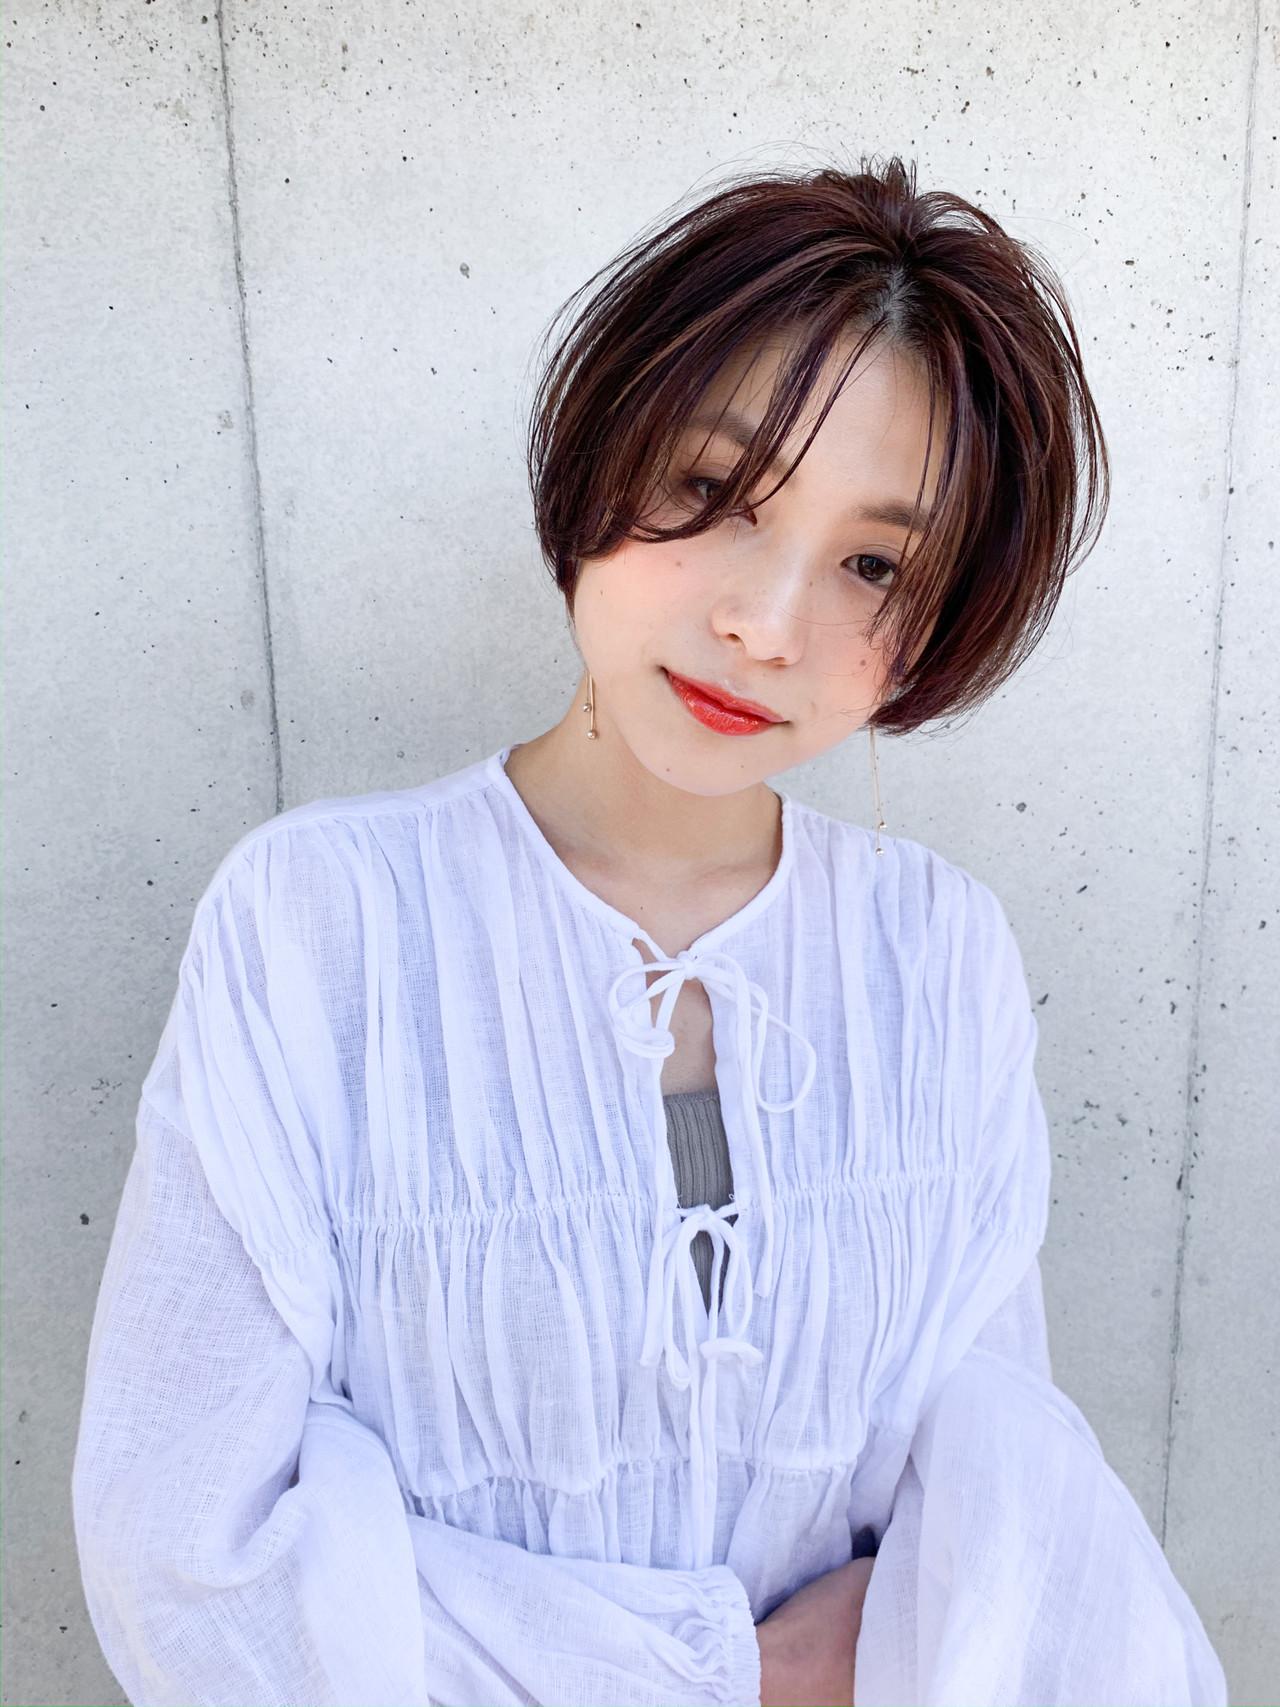 【面長顔×ショートヘア】コンプレックス解消♡似合わせカタログ